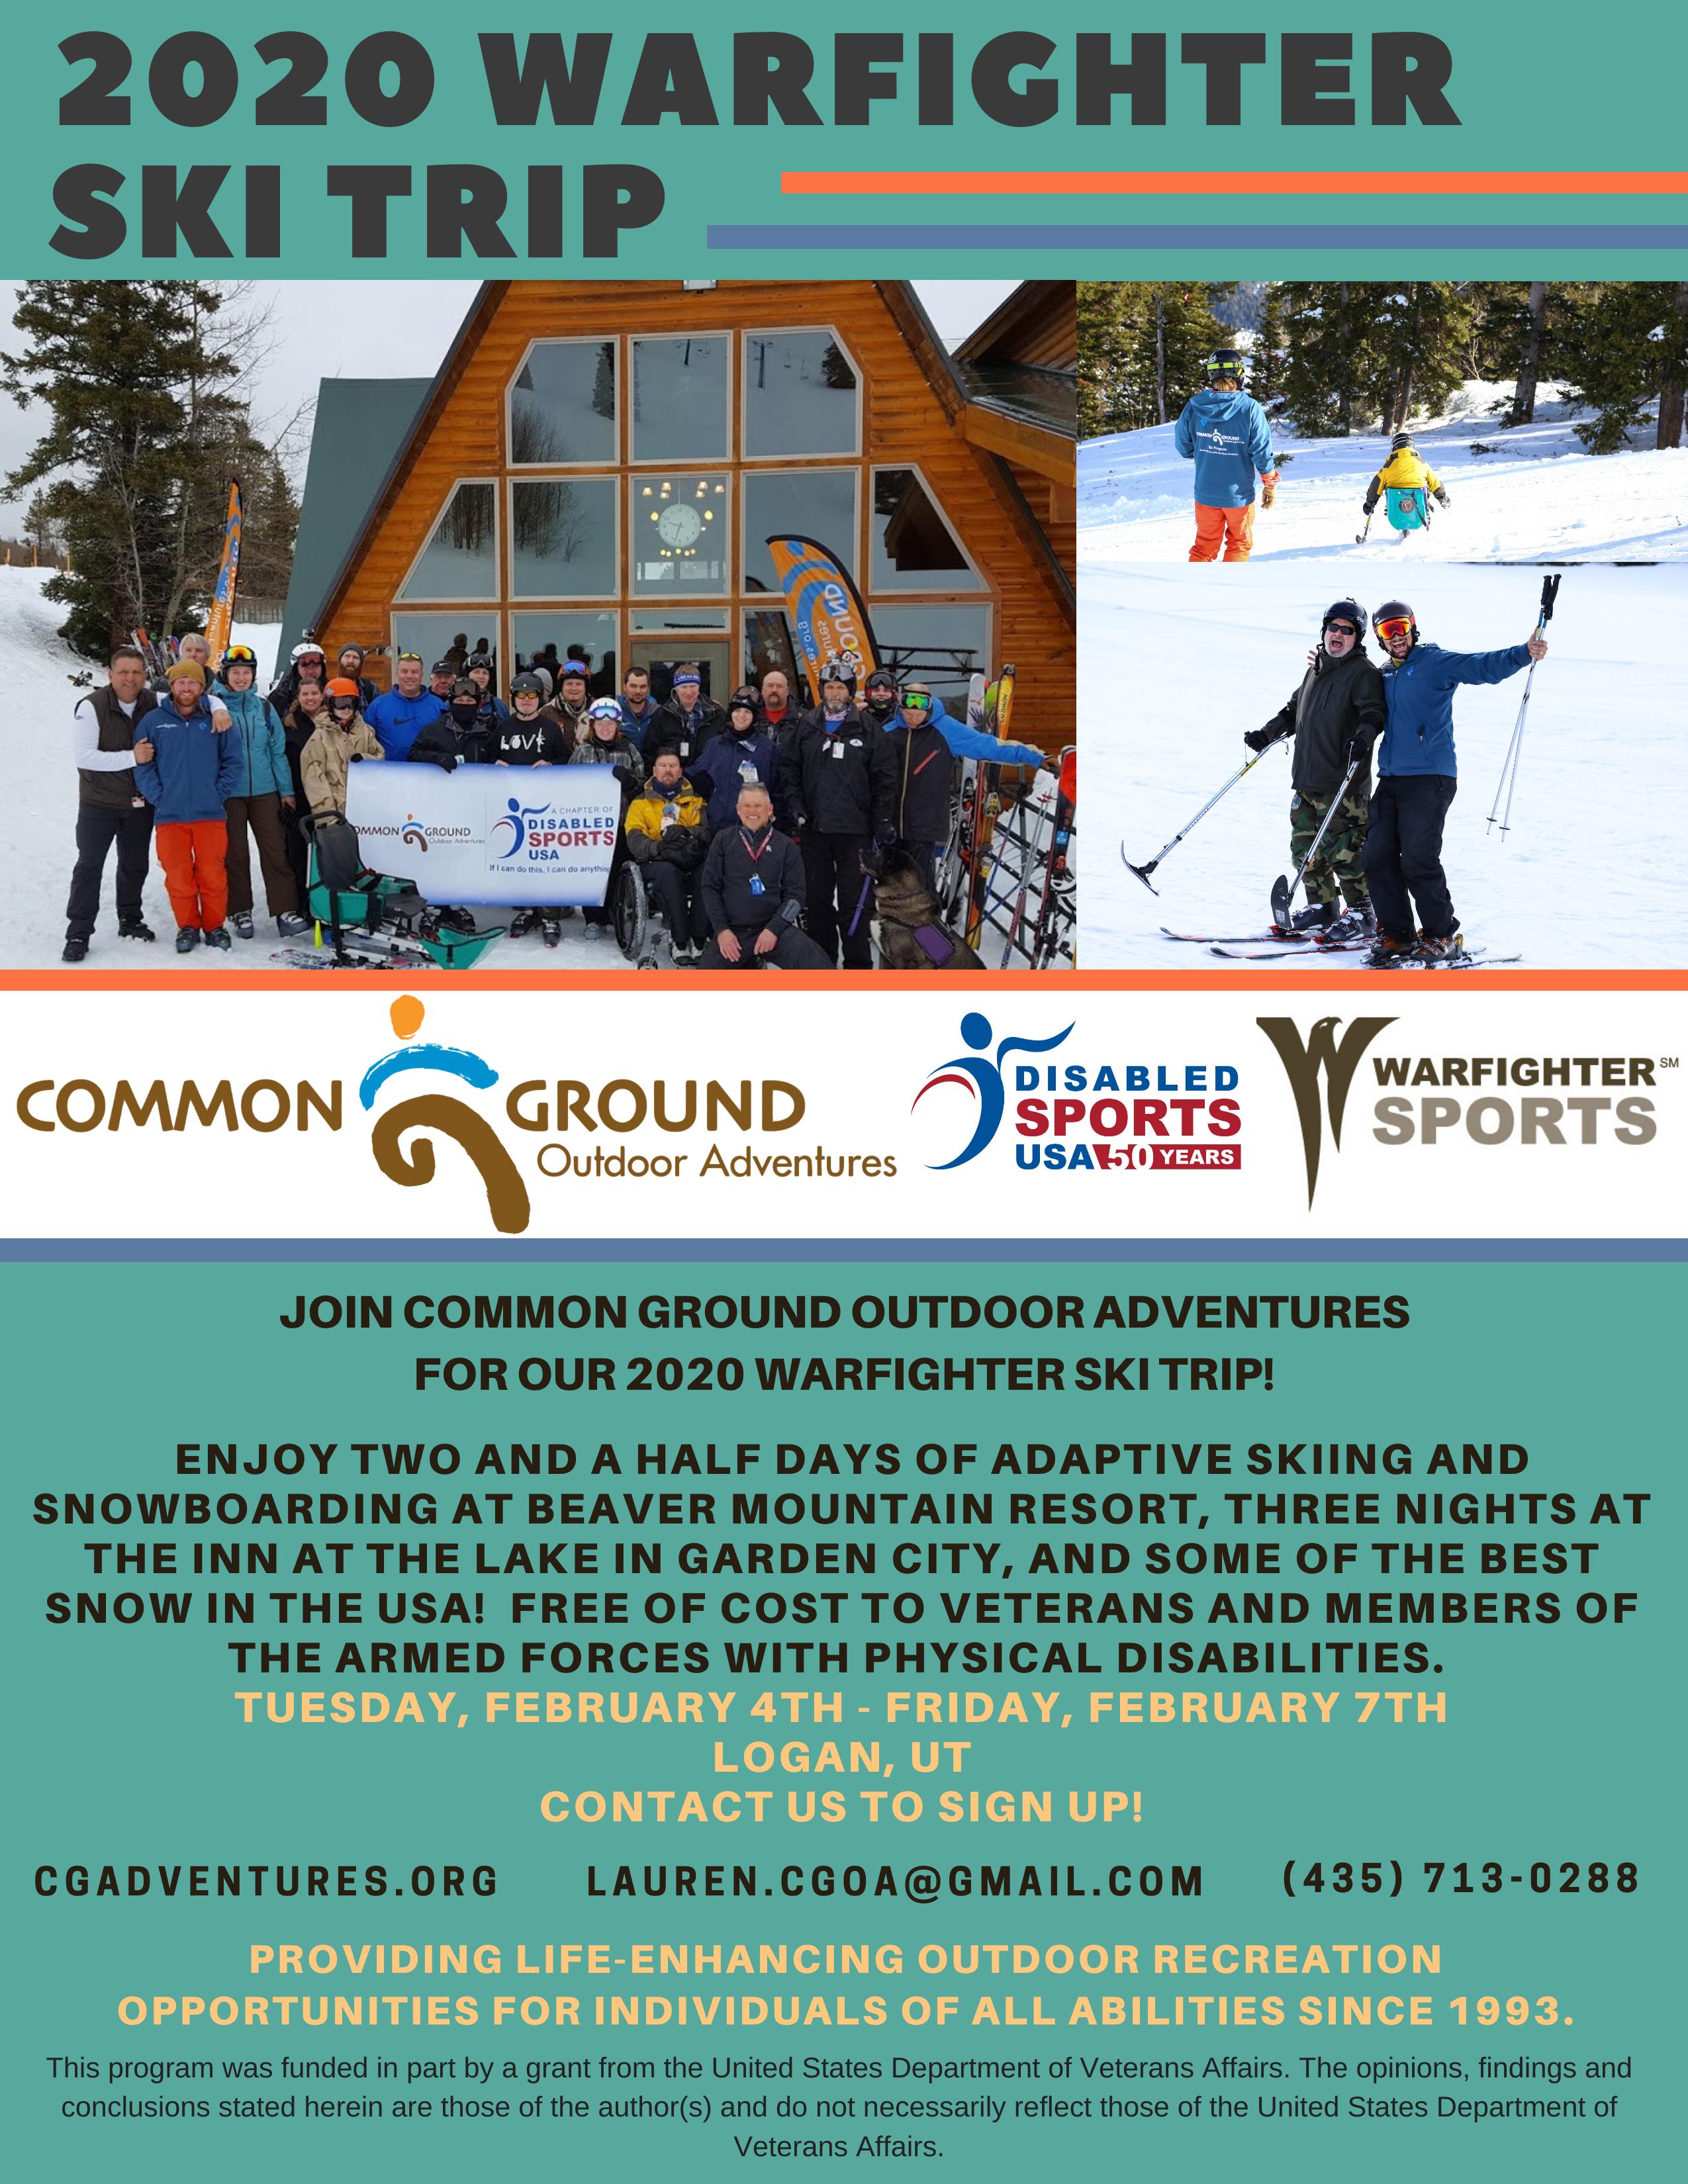 2020 Warfighter Ski Trip Flyer